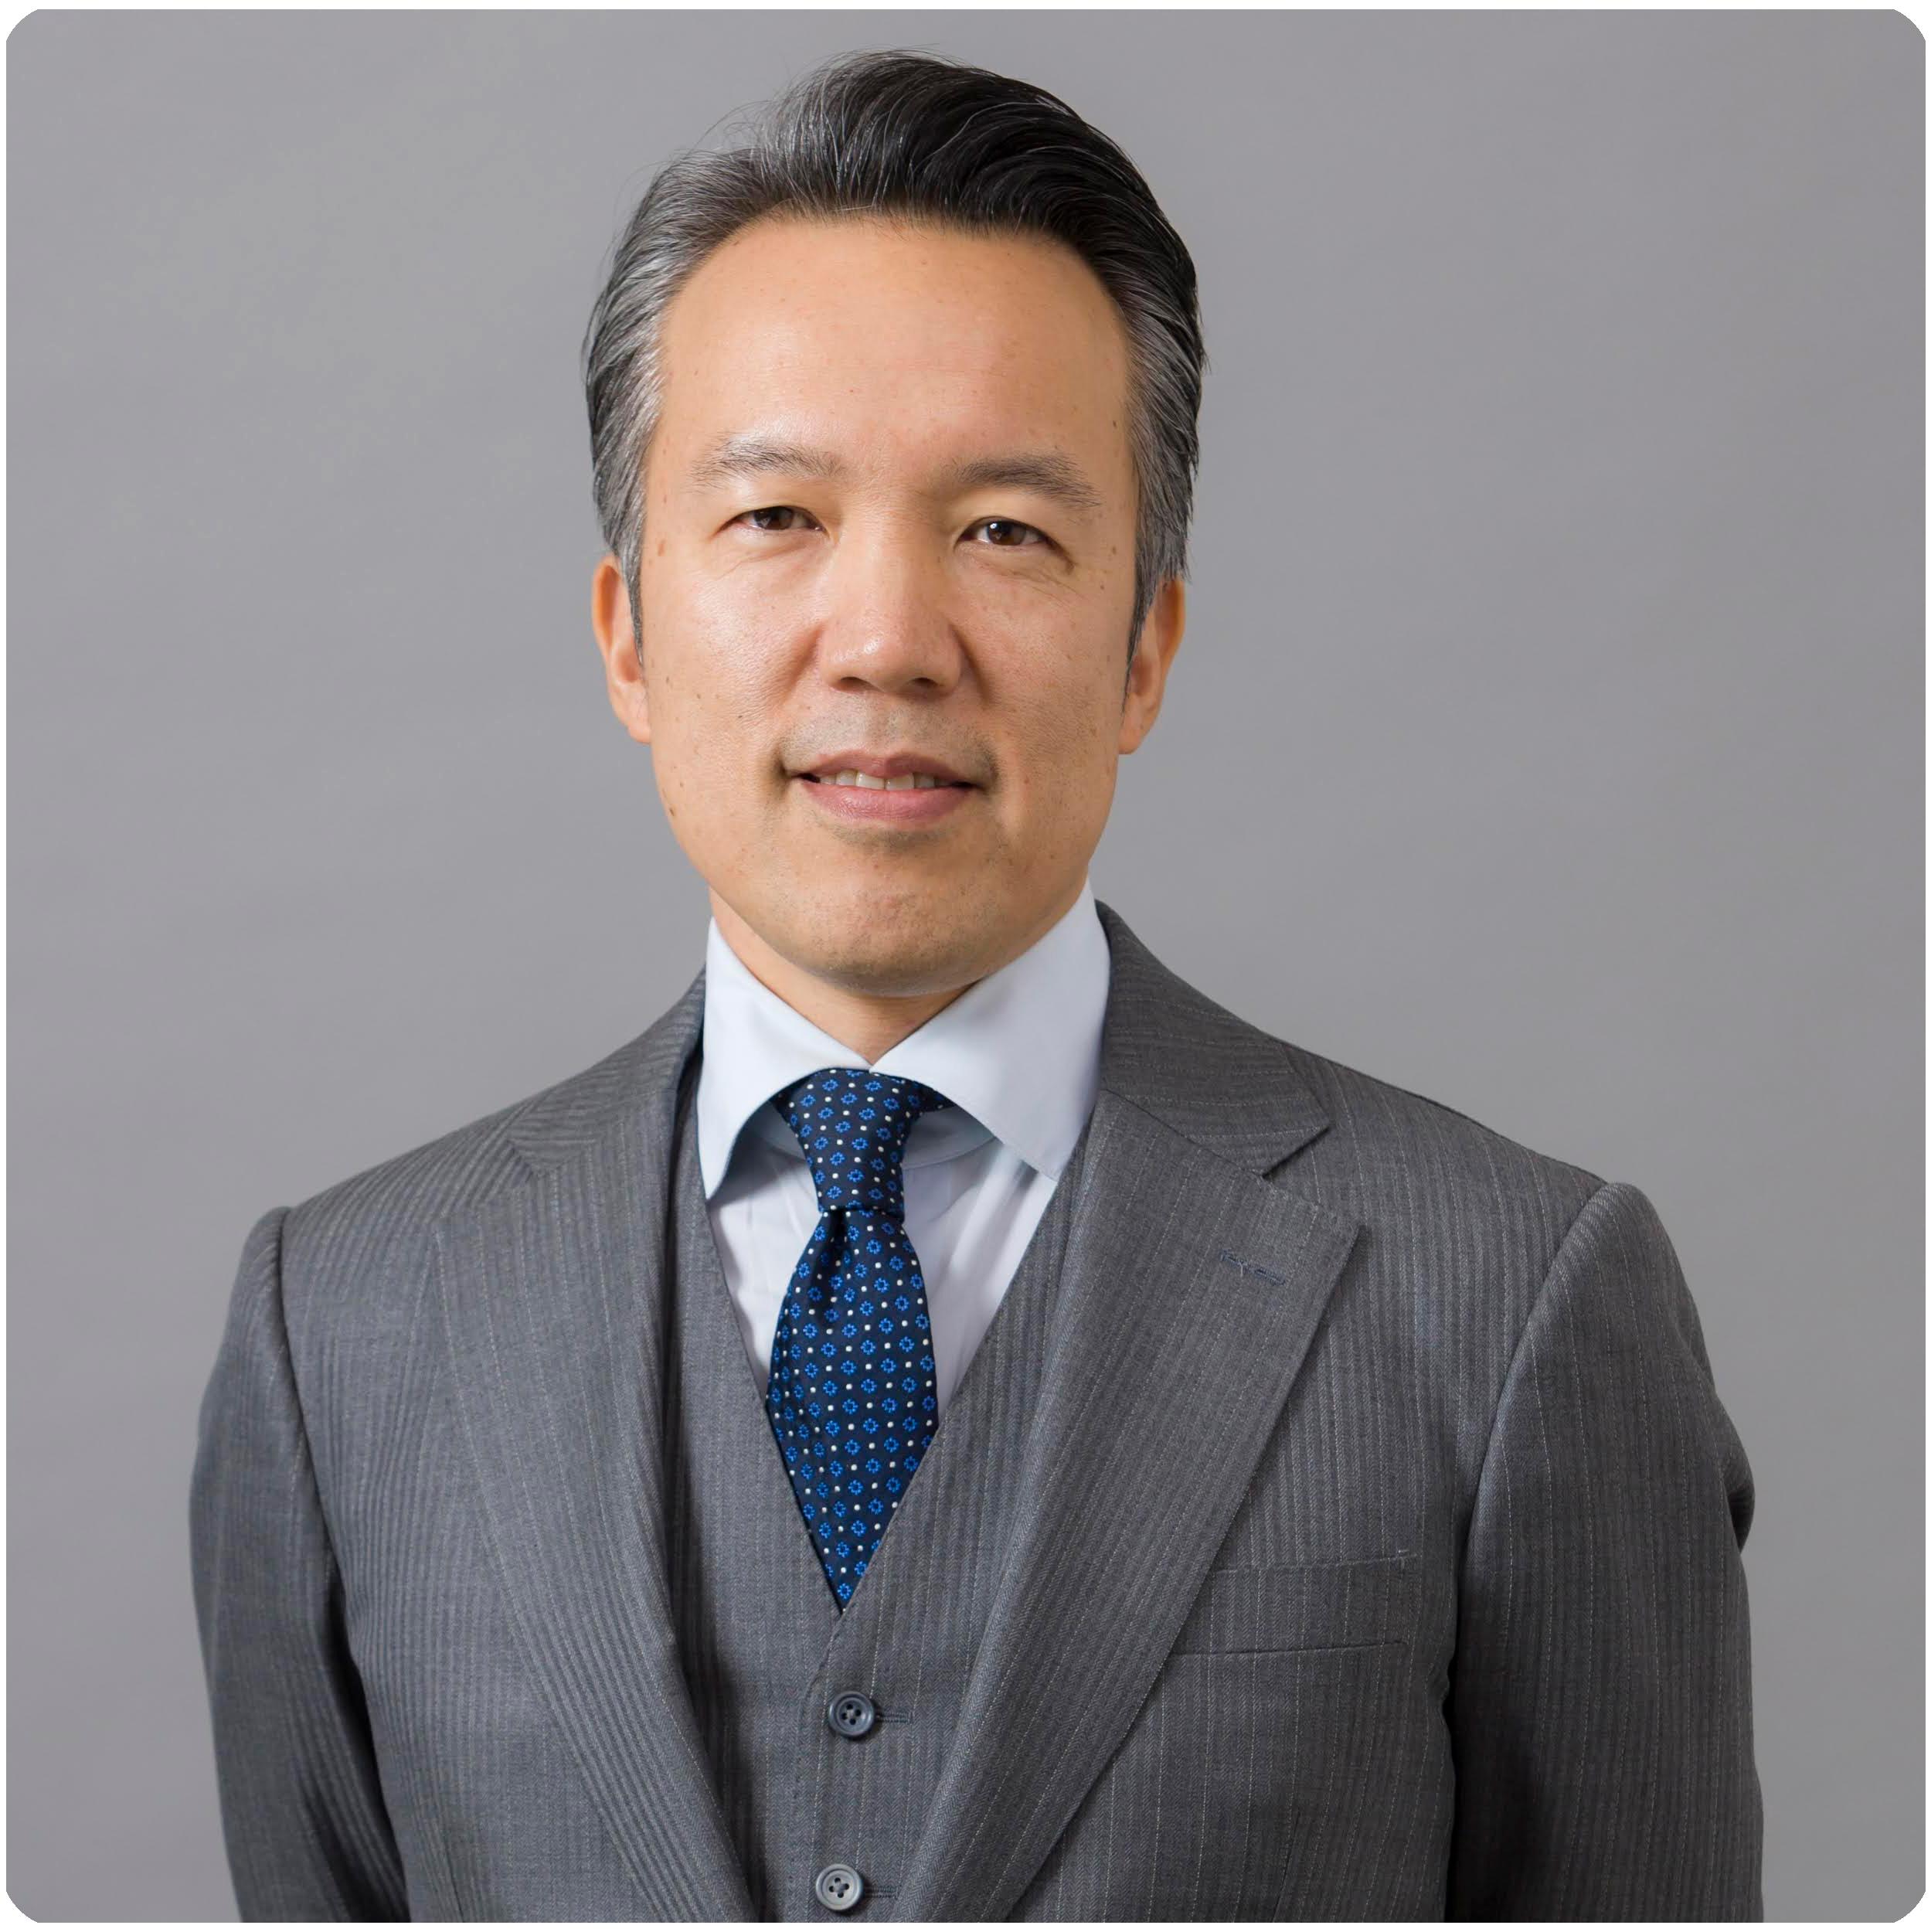 中尾 彰宏 氏 | ケネディクス株式会社 執行役員 デジタル・セキュリタイゼーション推進部長